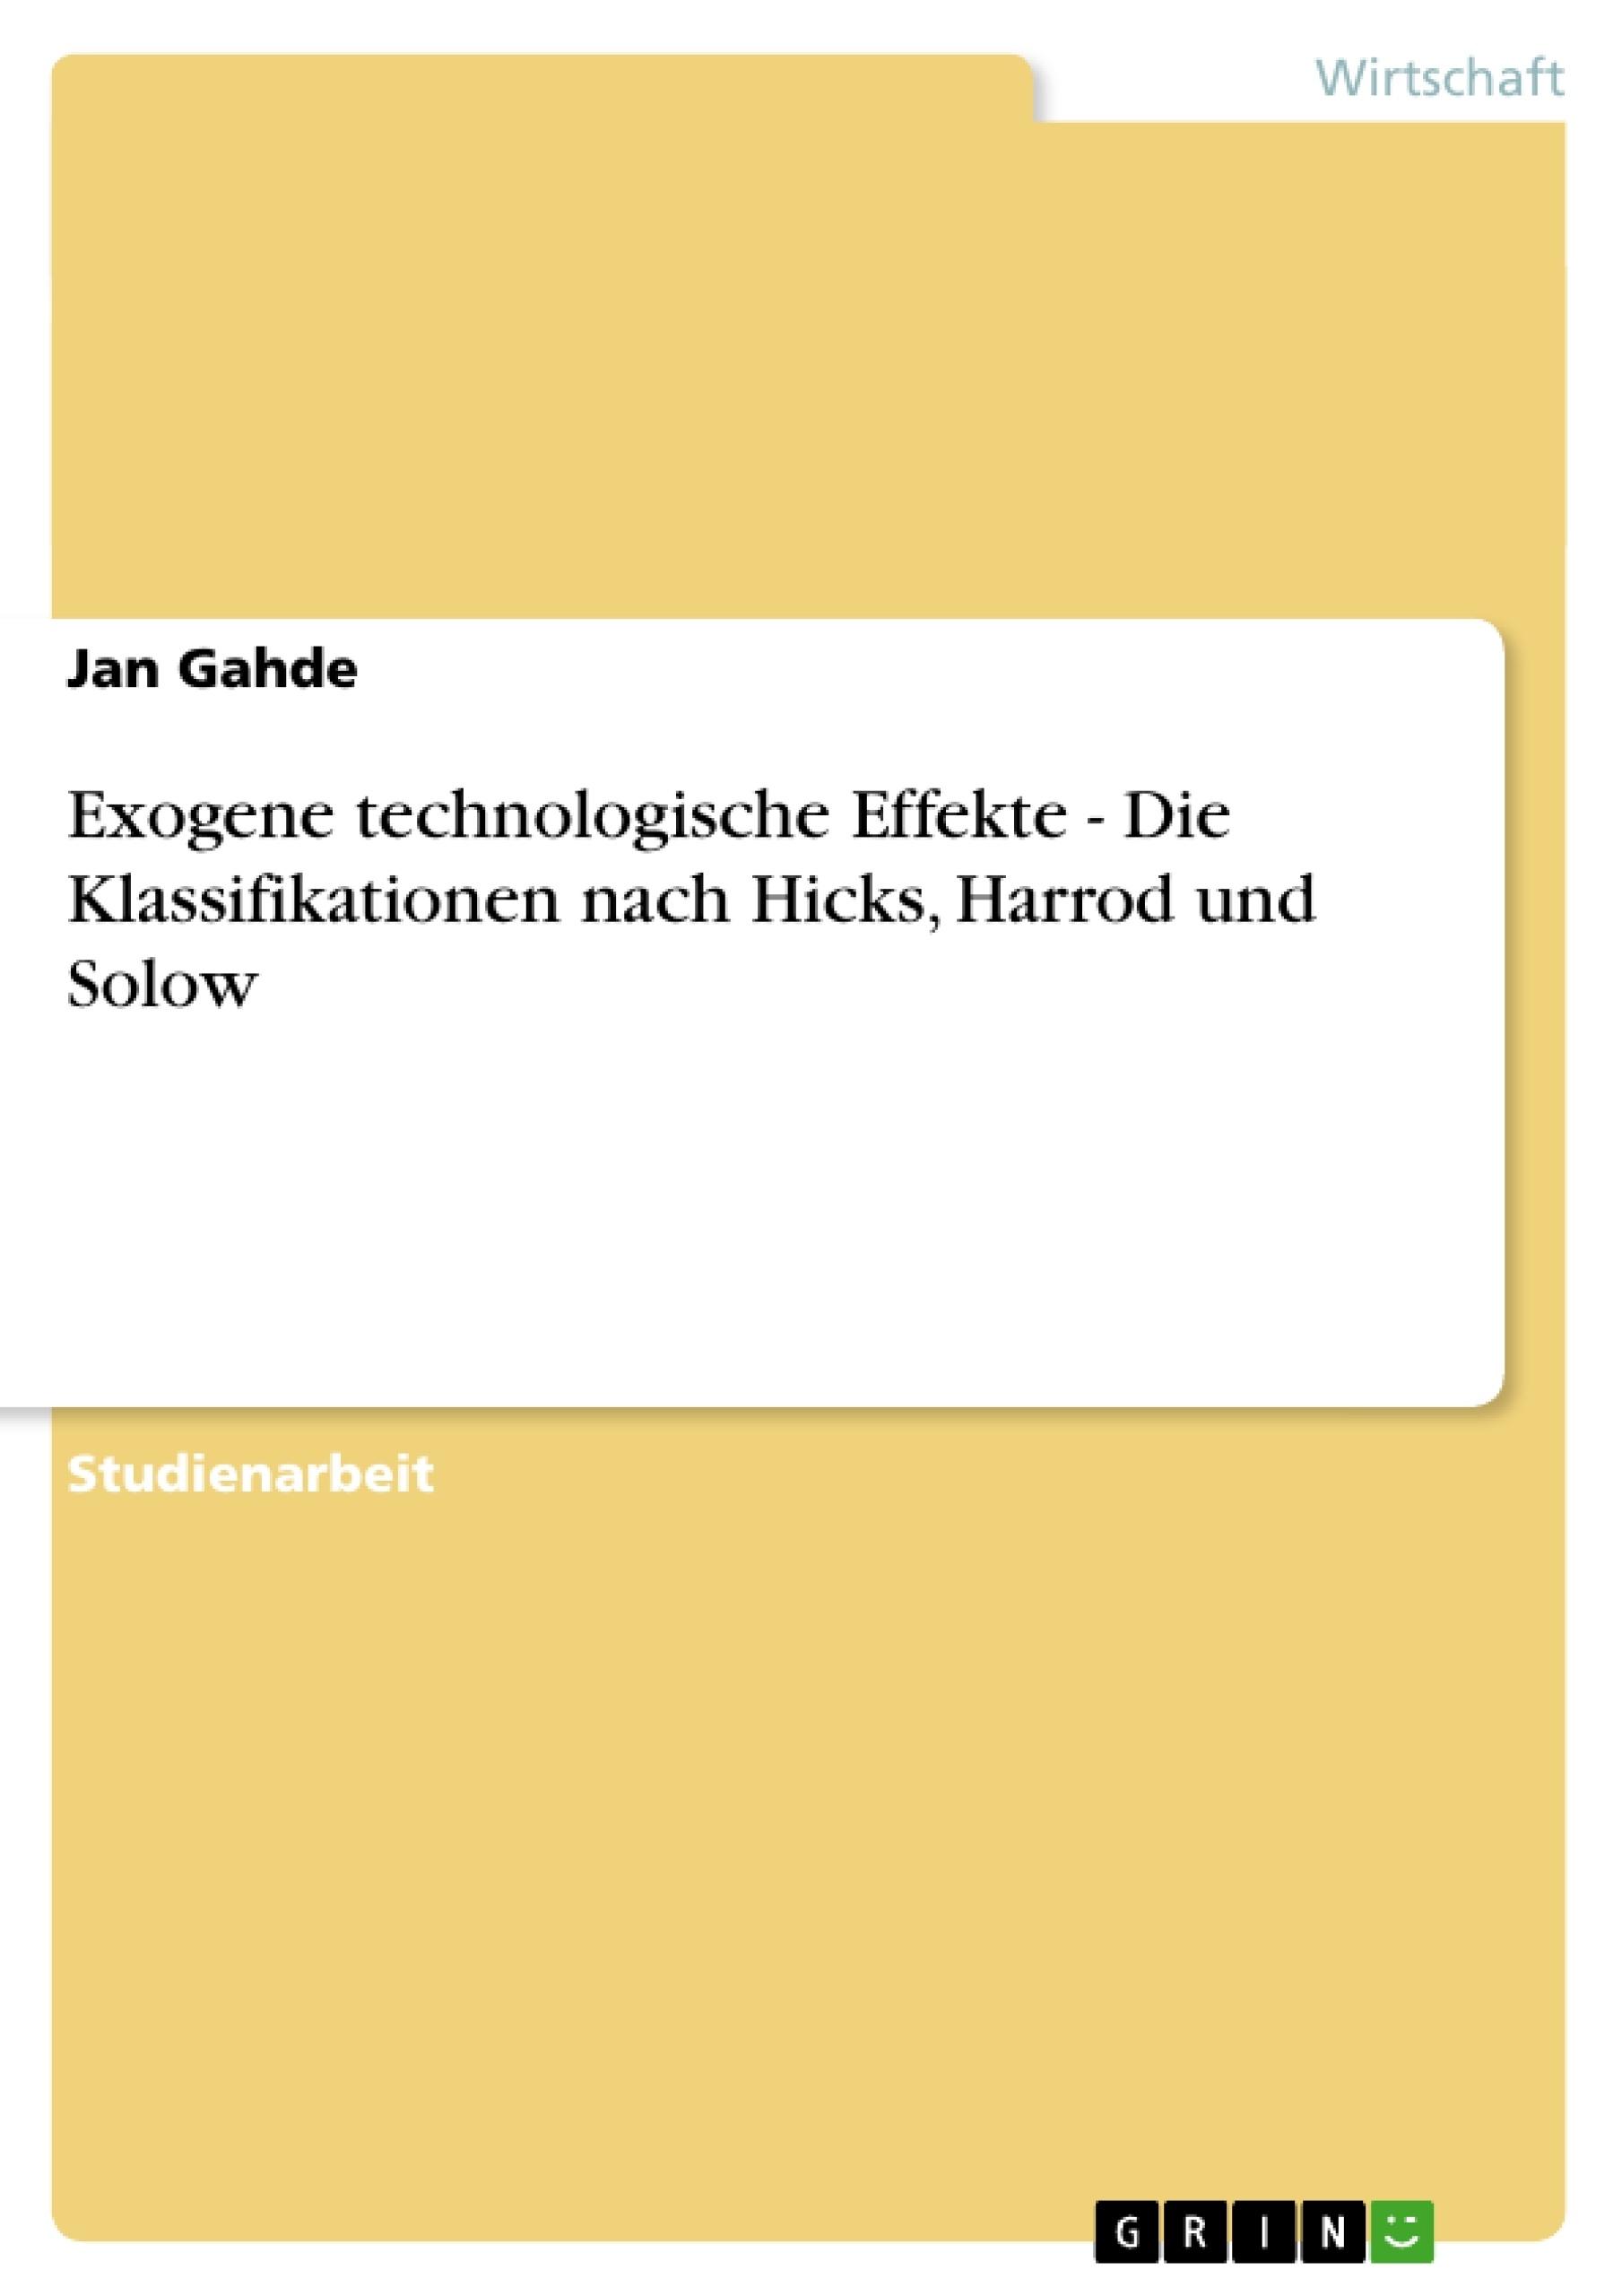 Titel: Exogene technologische Effekte - Die Klassifikationen nach Hicks, Harrod und Solow